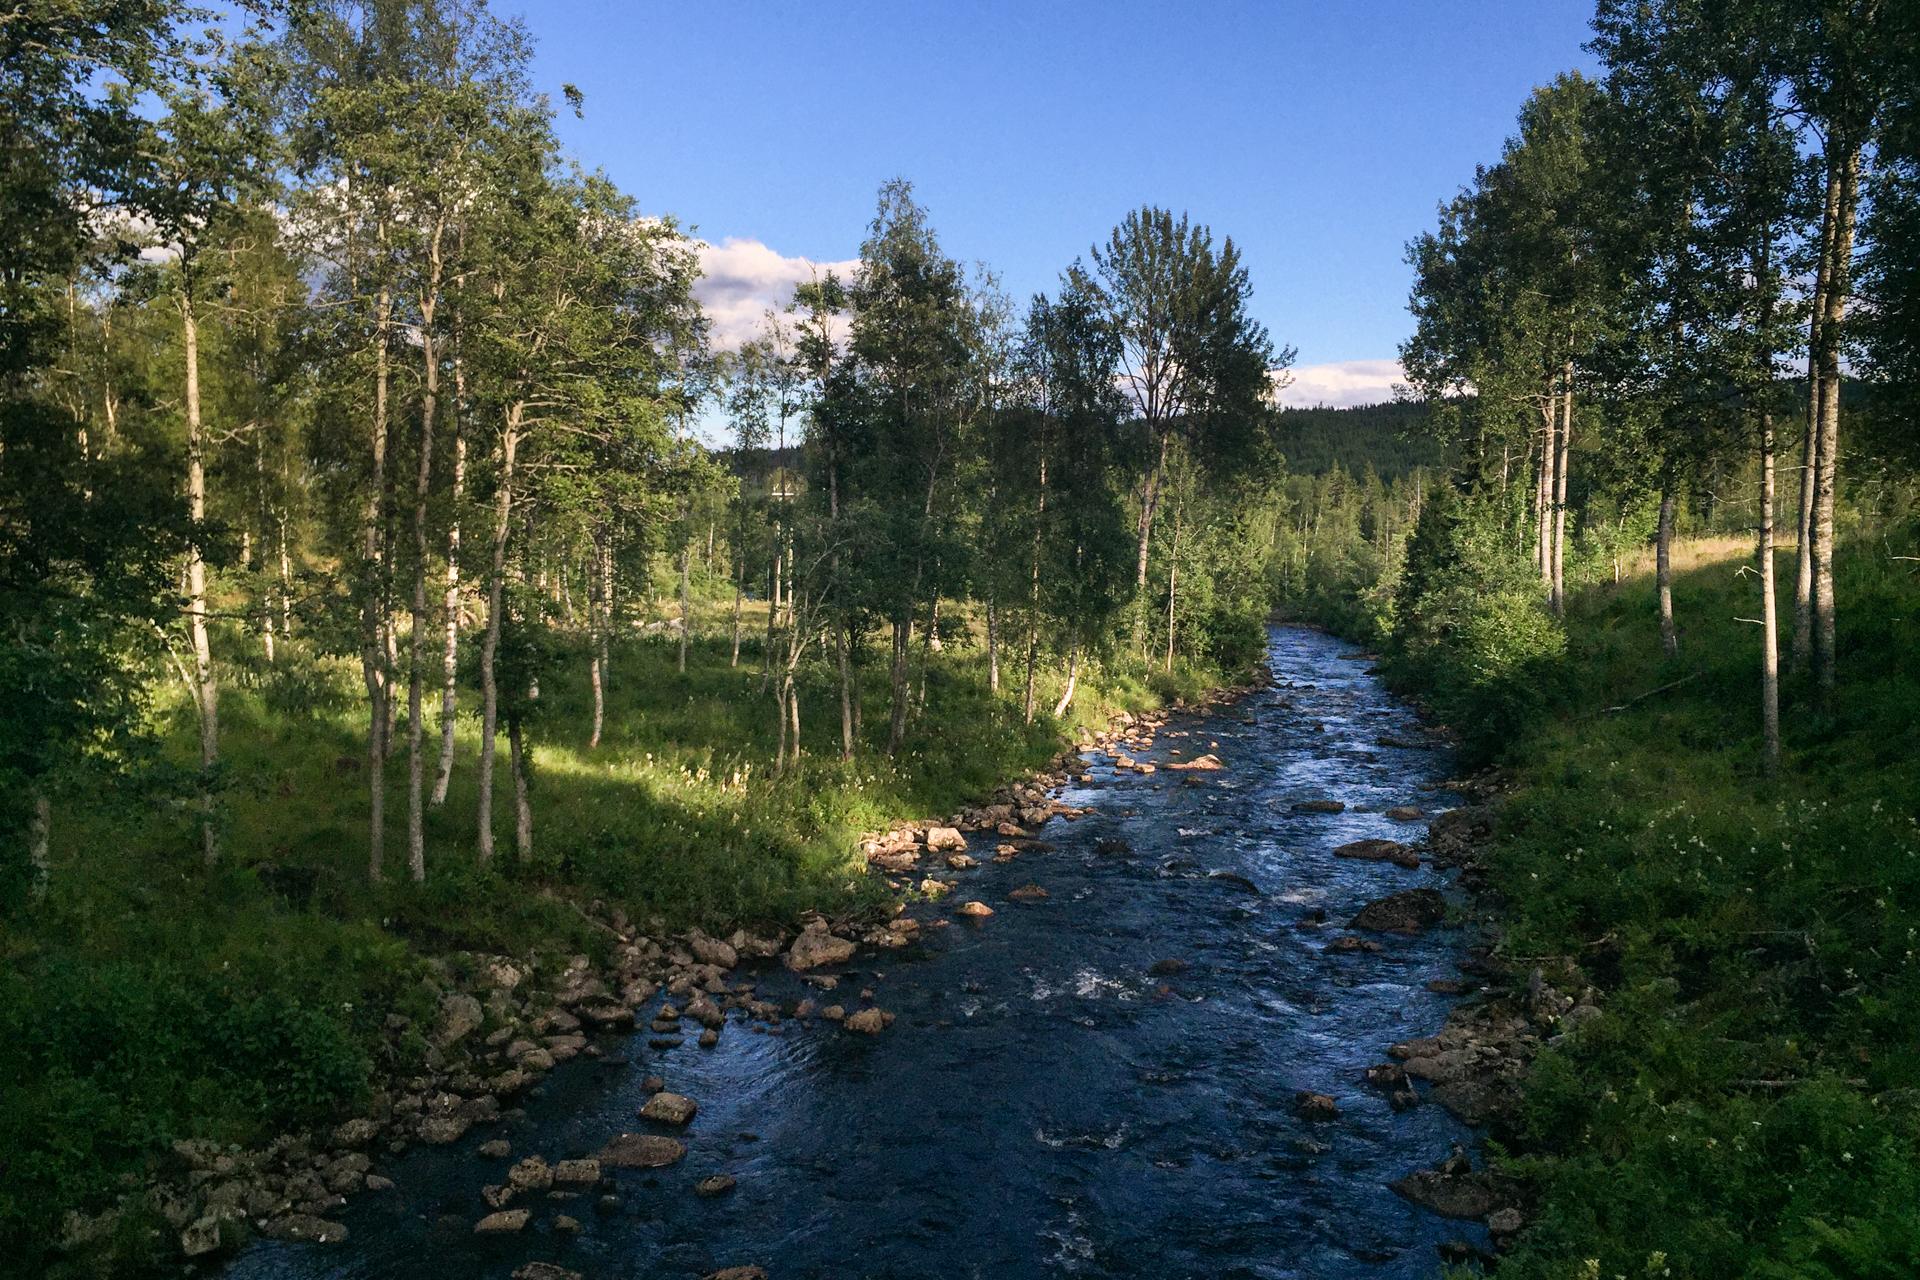 Denne elva starter ved Katnoshytta og renner ut i Store Sandungen.